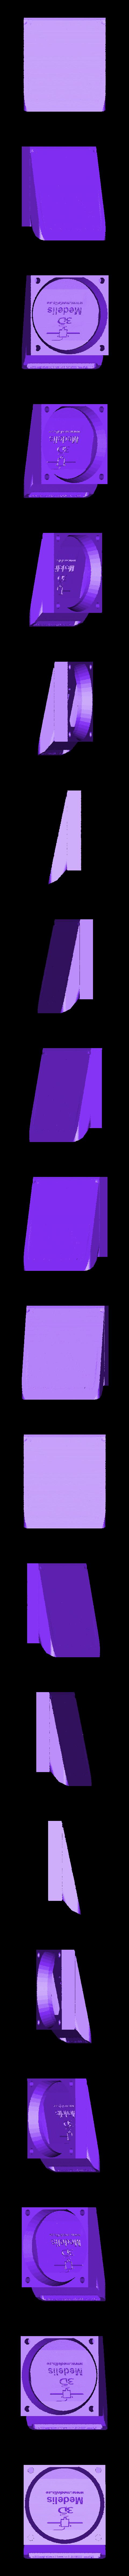 Alfawise_U30_duct.stl Télécharger fichier STL gratuit Alfawise U30 PRO conduit • Plan à imprimer en 3D, FiveNights